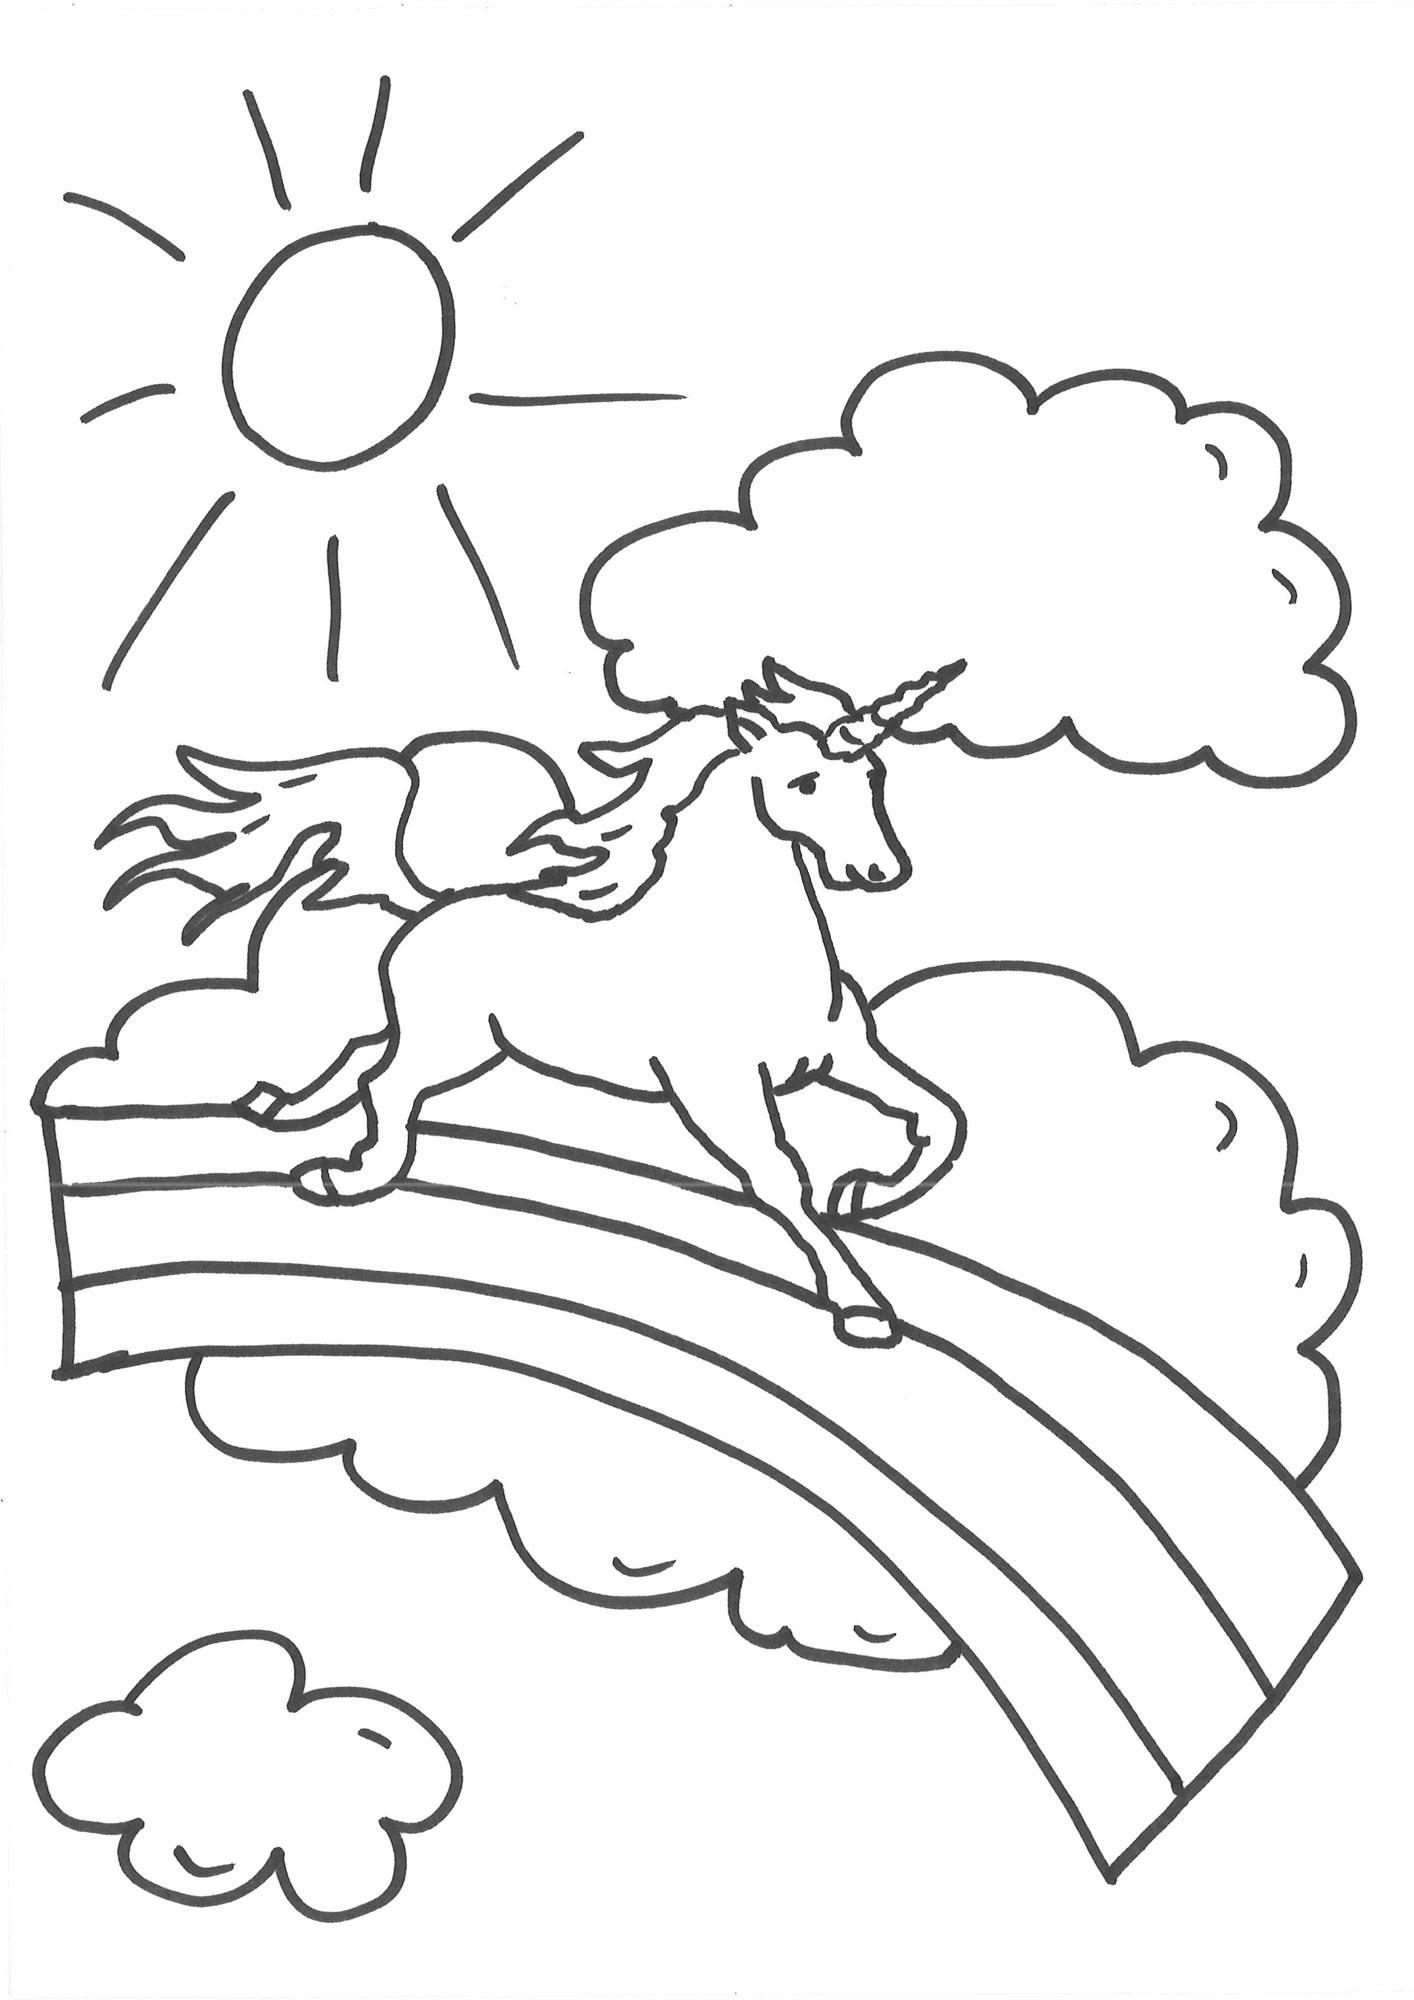 Coole Einhorn Ausmalbilder - Malvorlagen